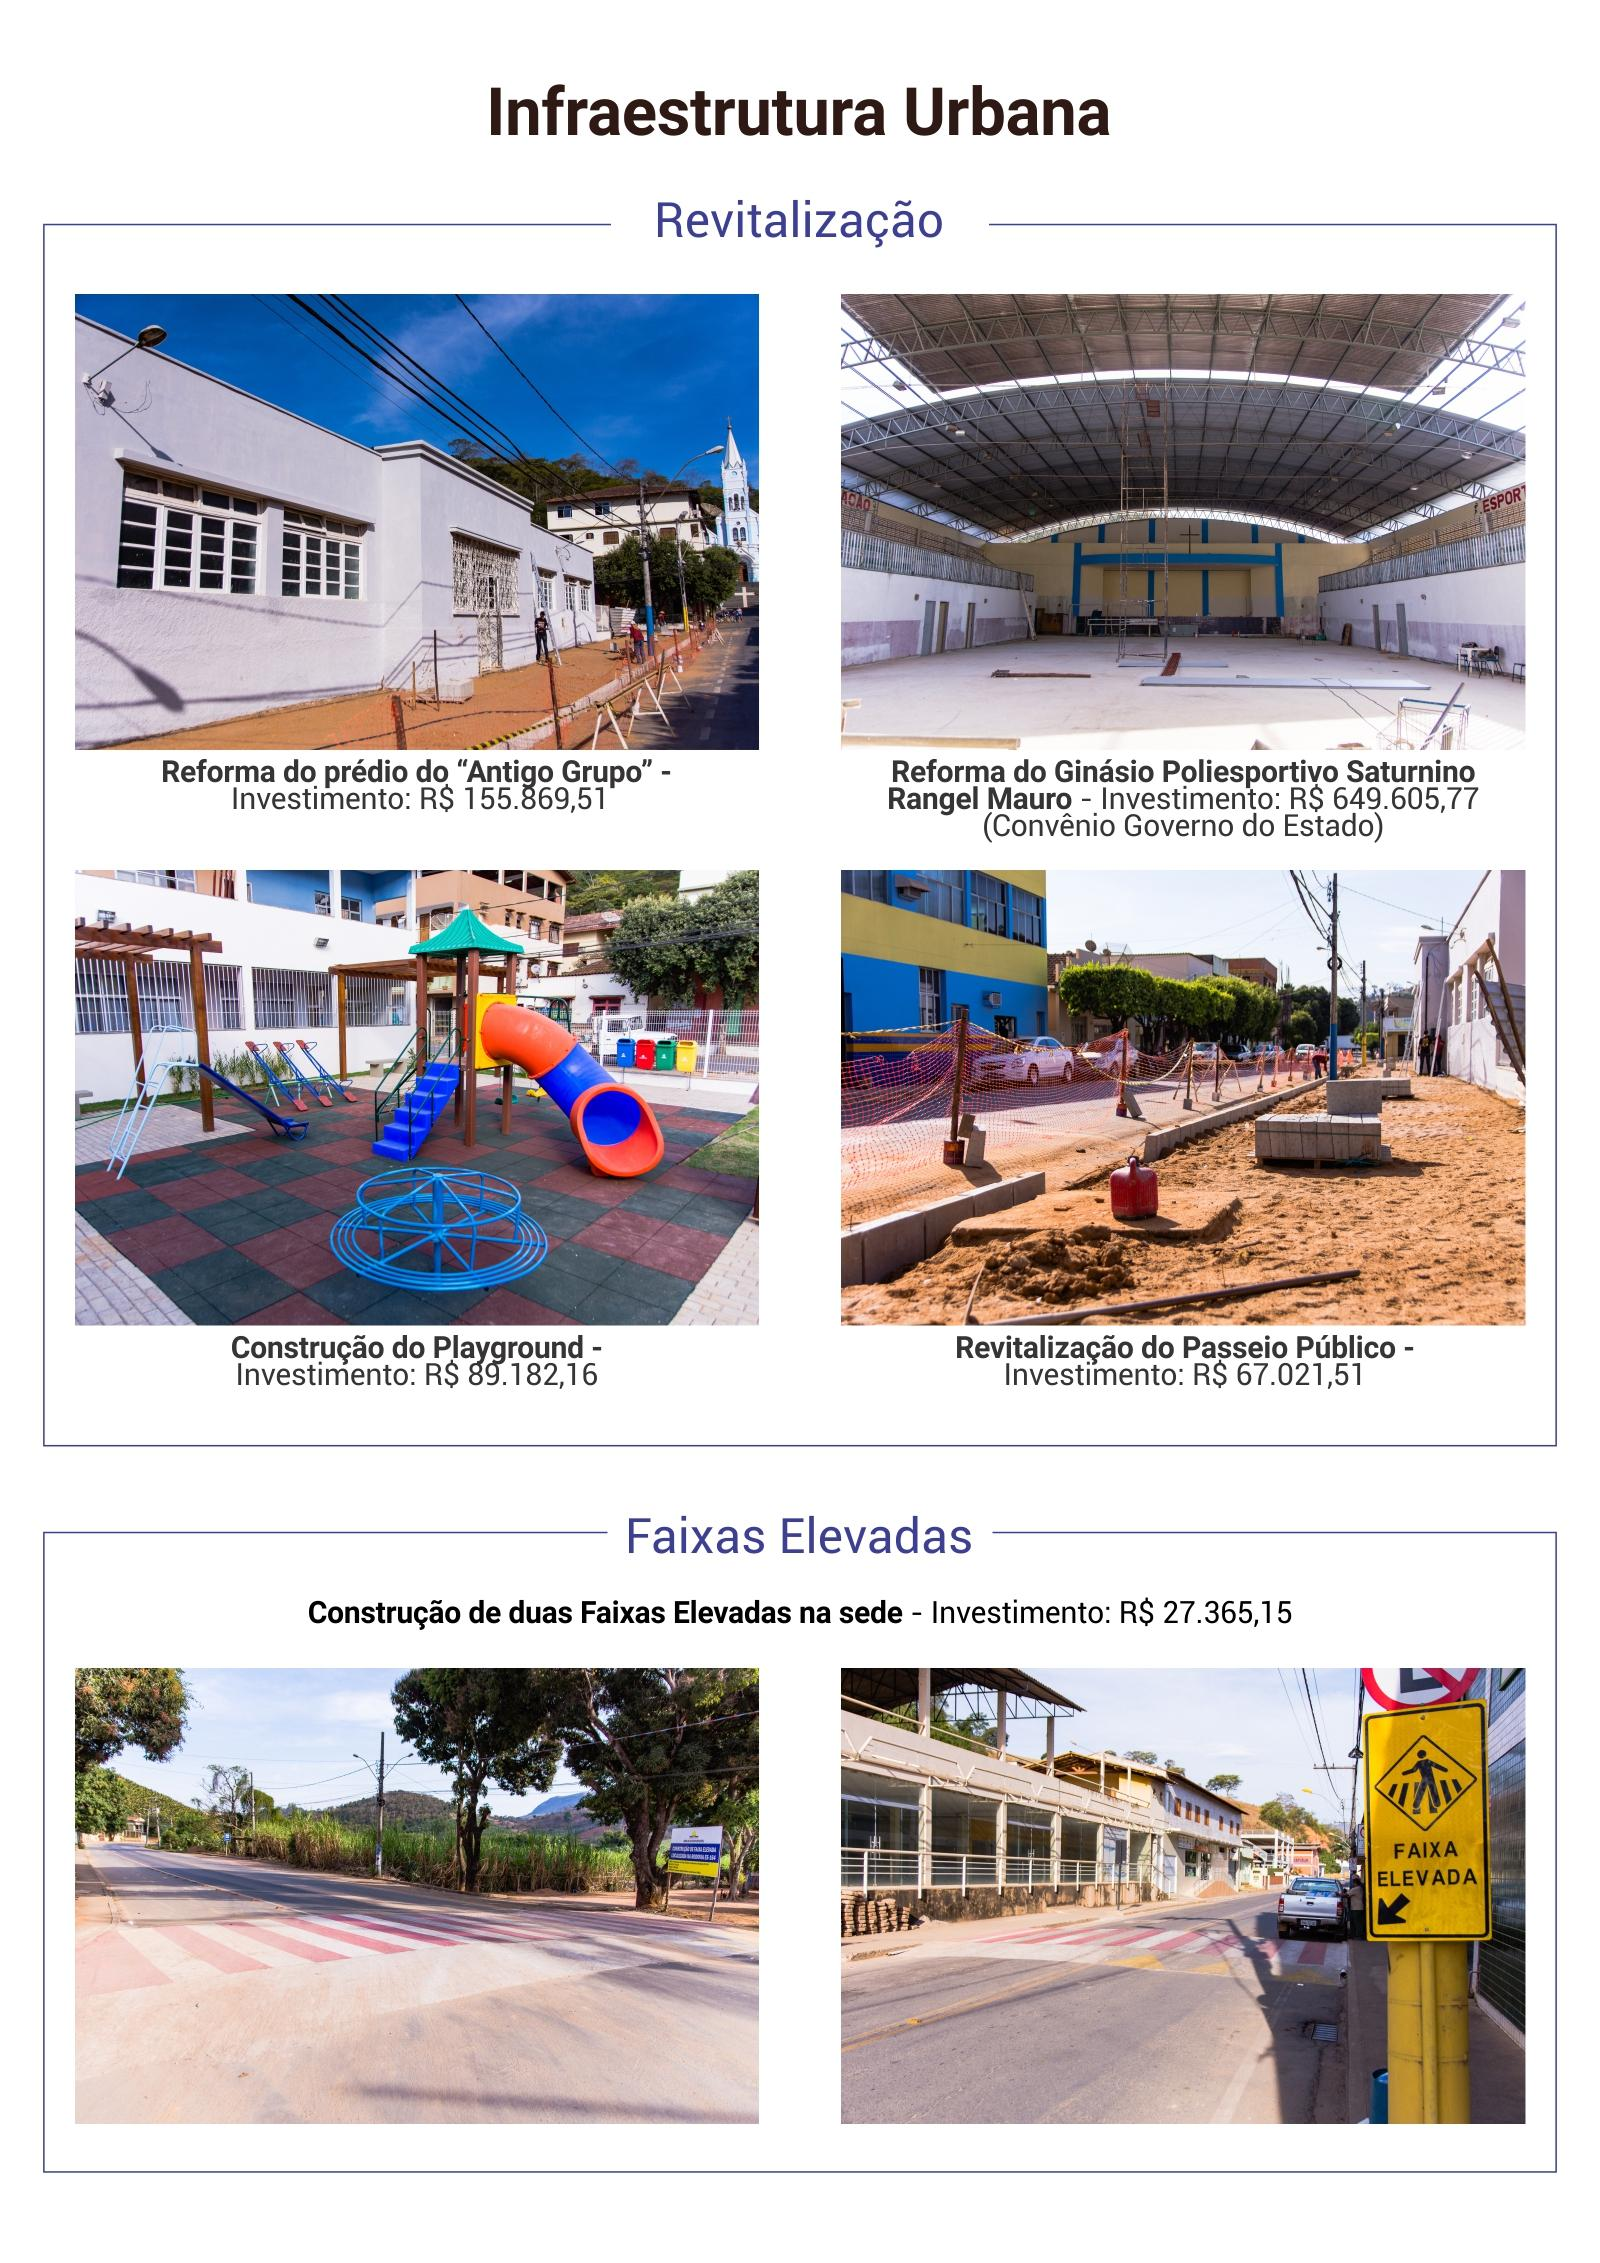 Revitalização urbana e mais qualidade de vida para a população: Itarana conta com diversas obras na sede e no interior